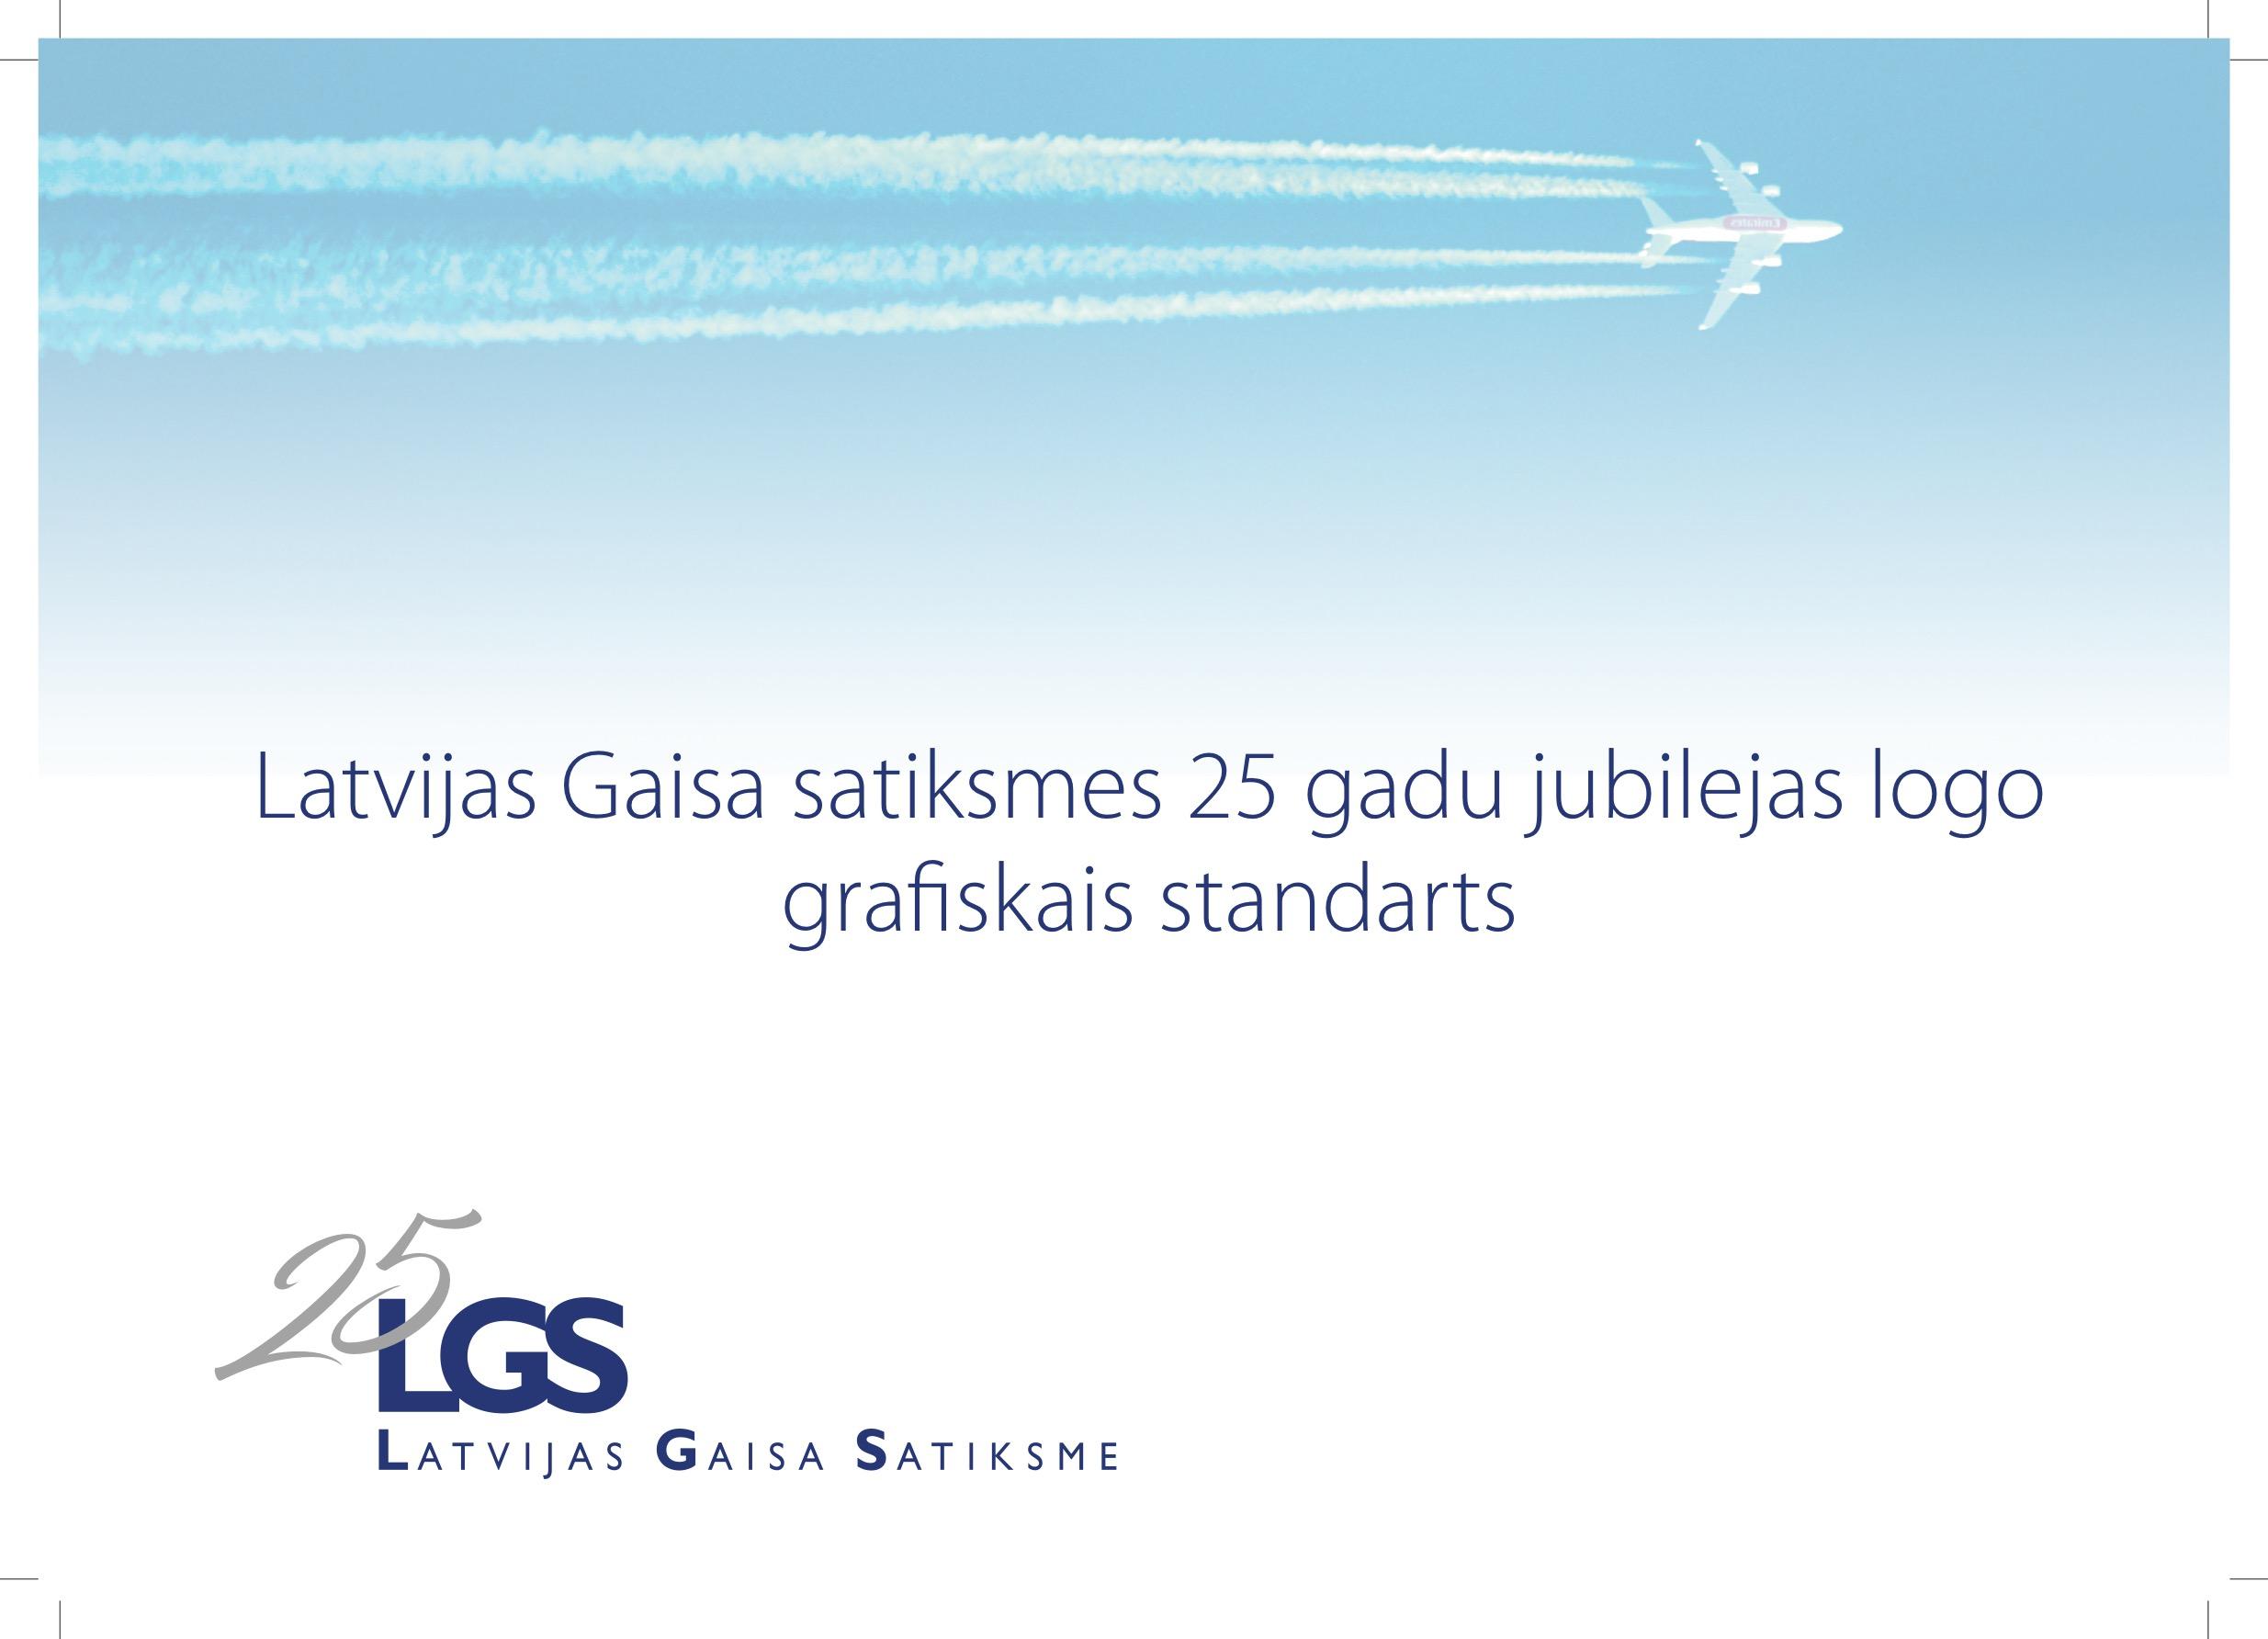 LGS 25 gadi logo A4 Drukai 1